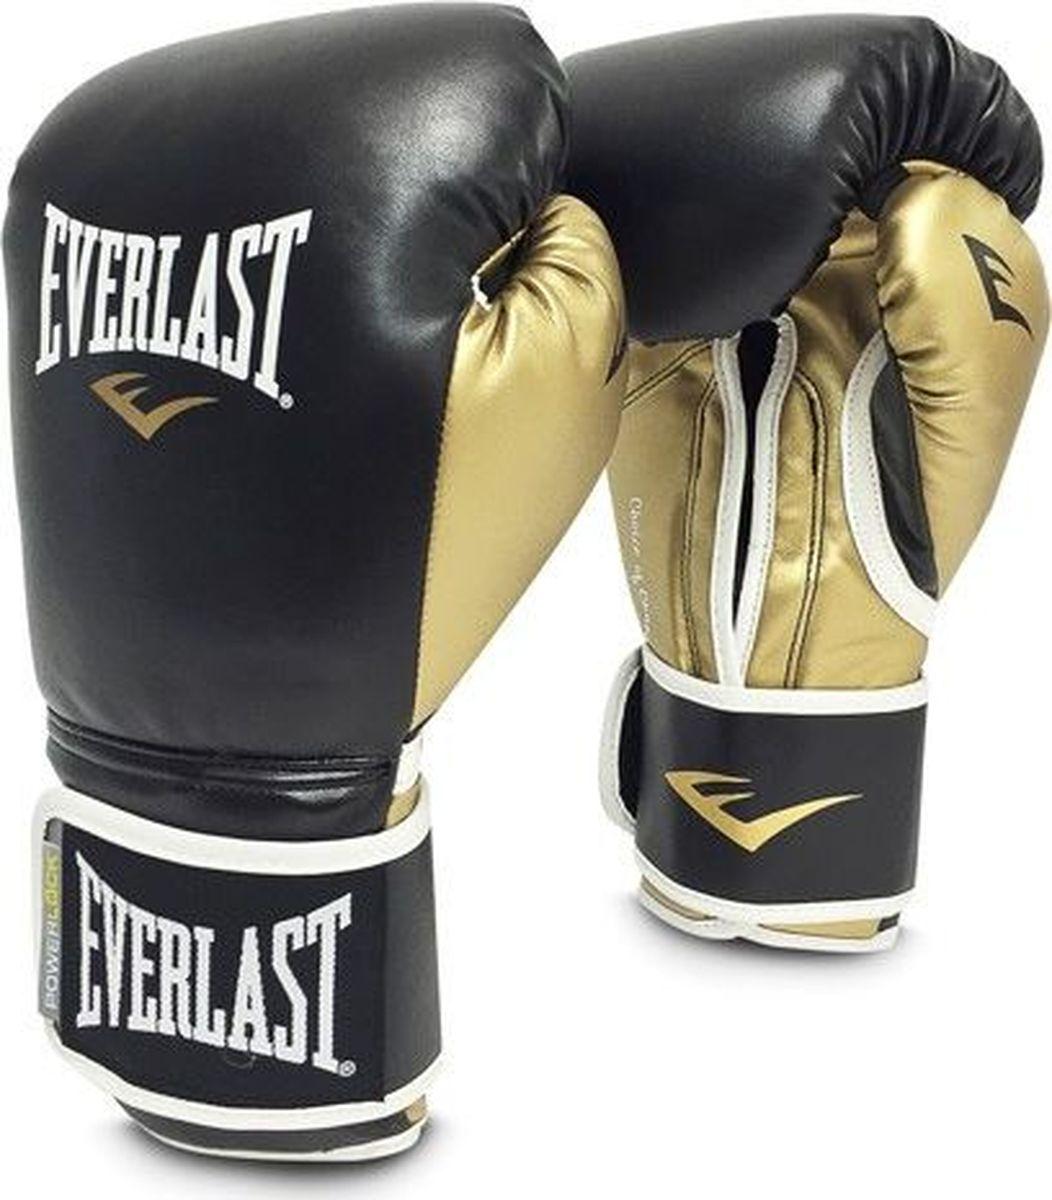 Боксерские перчатки Everlast Powerlock, тренировочные, P00000723-12, черный, золотой, вес 12 унций мультитул powerlock eod black oxide черный sog